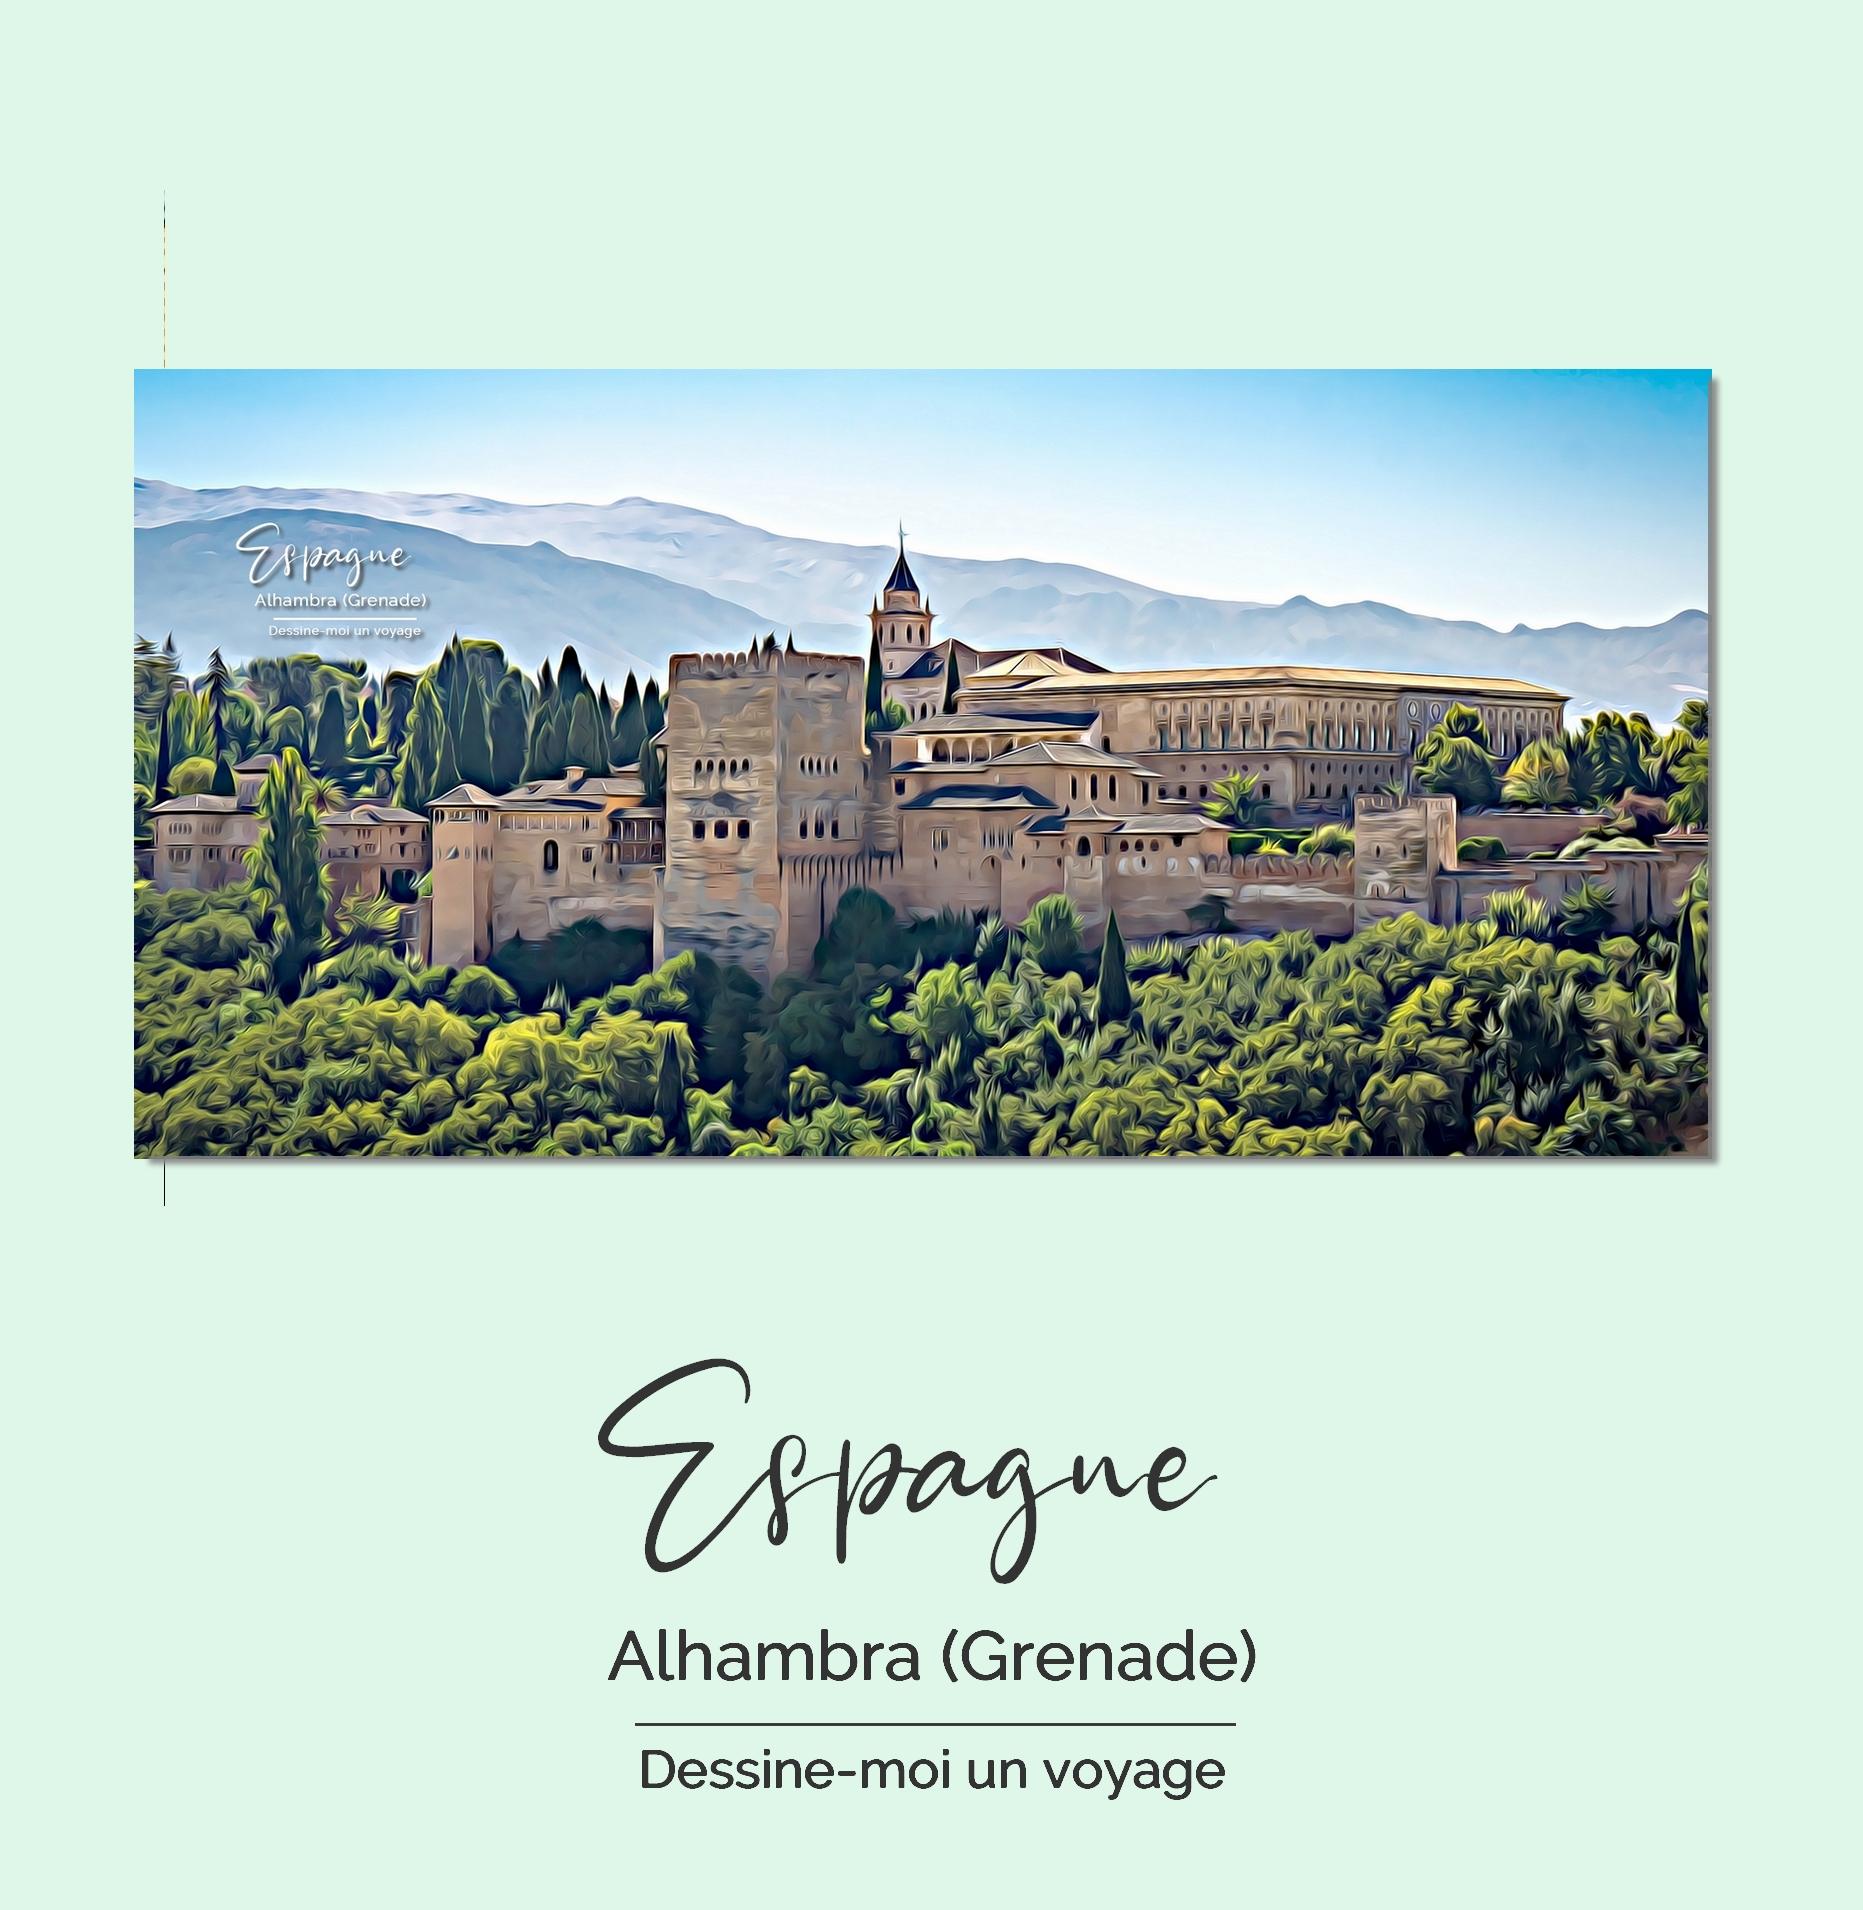 Tableau personnalisé panoramique Espagne